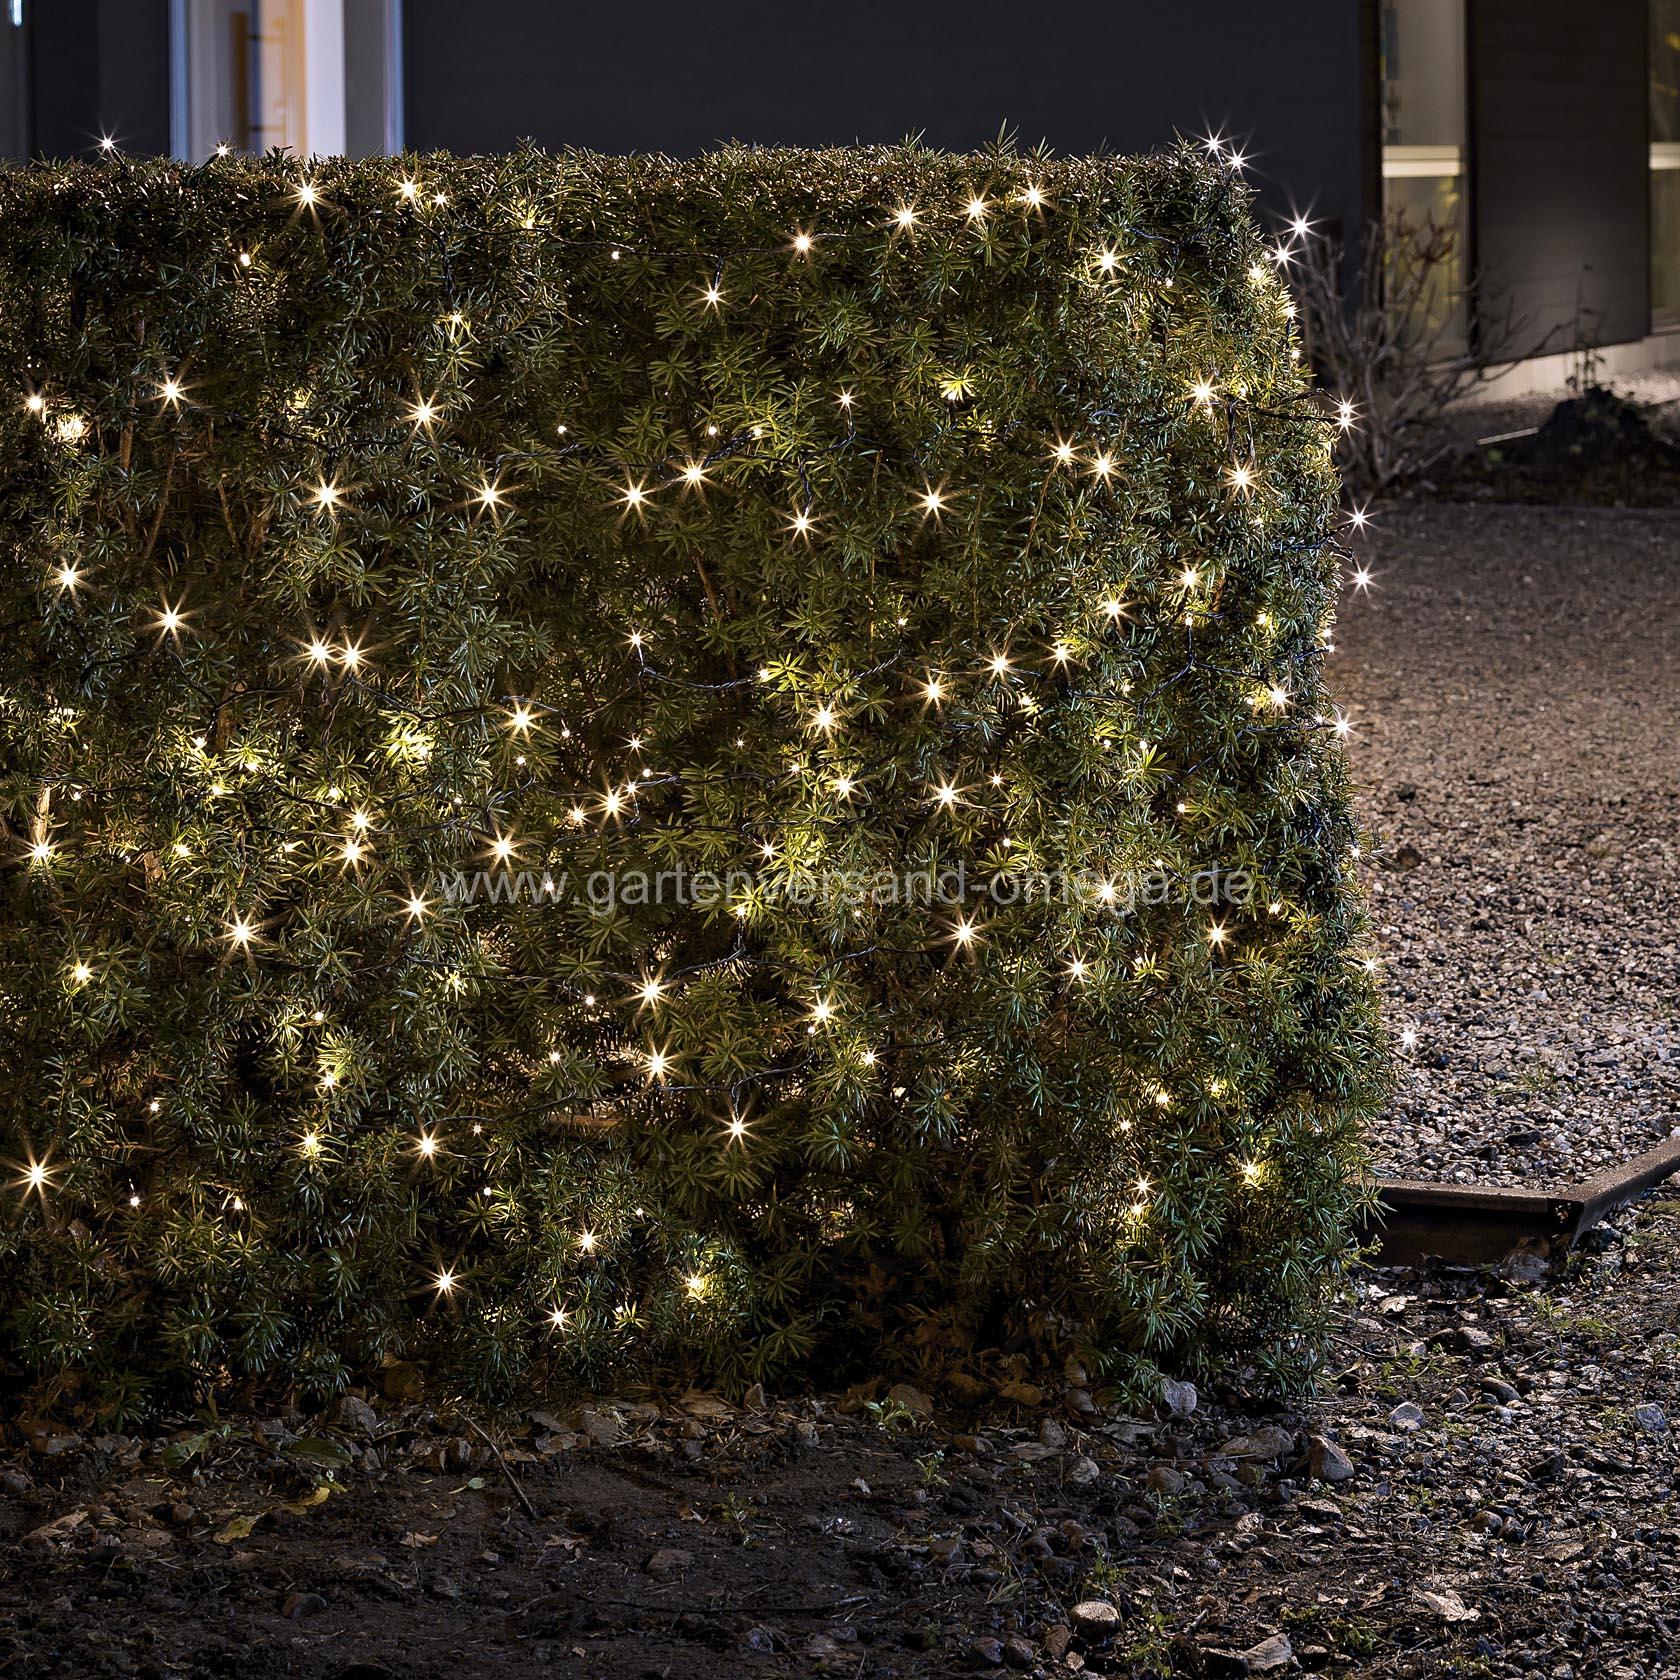 Weihnachtsbeleuchtung Für Balkon Aussen.Batteriebetriebene Led Lichterkette Für Aussen Warm Weiß